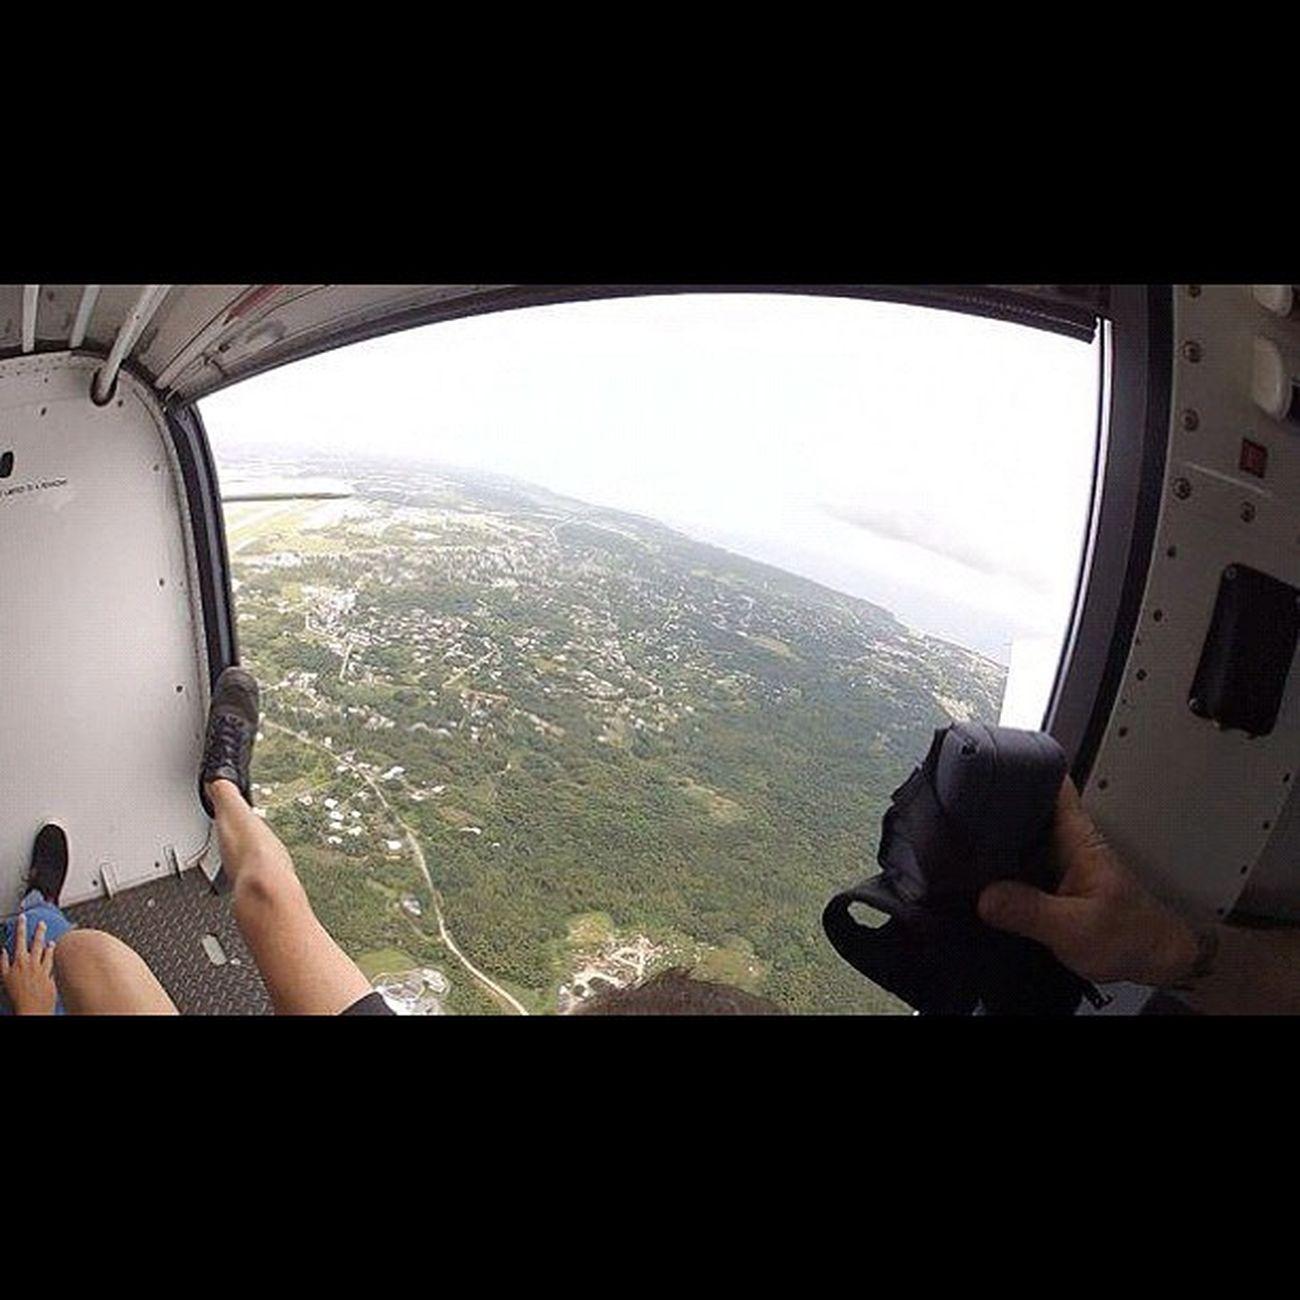 飛んだー‼ Sky Guam Gopro Skydive Webstagram Freefall Hafaadai グアム スカイダイビング Skydving ソラトビ